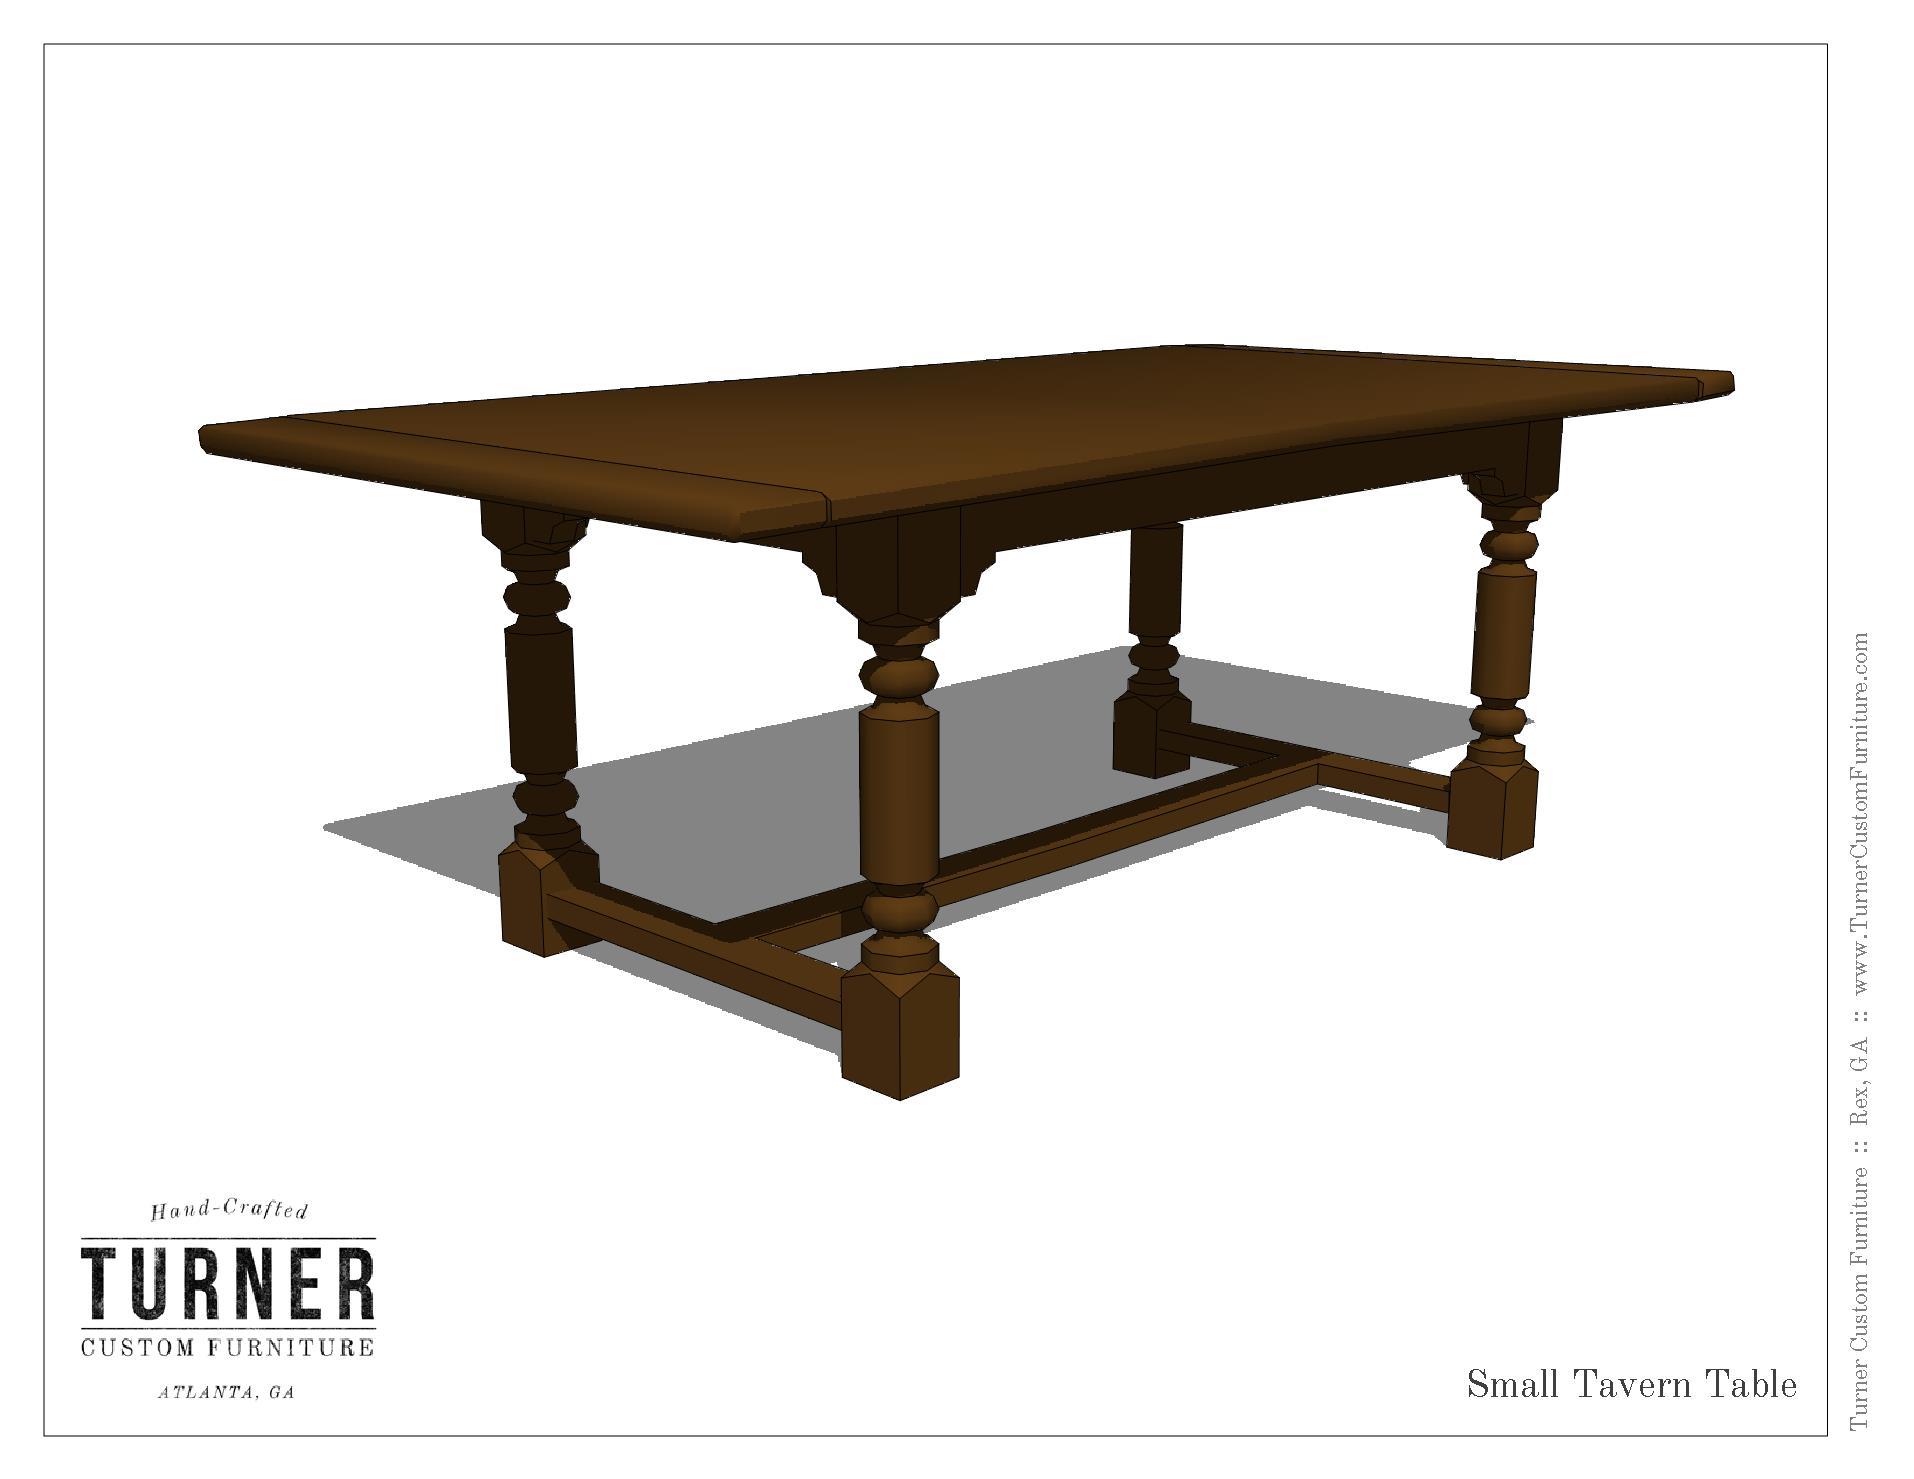 Table Builder_13.jpg